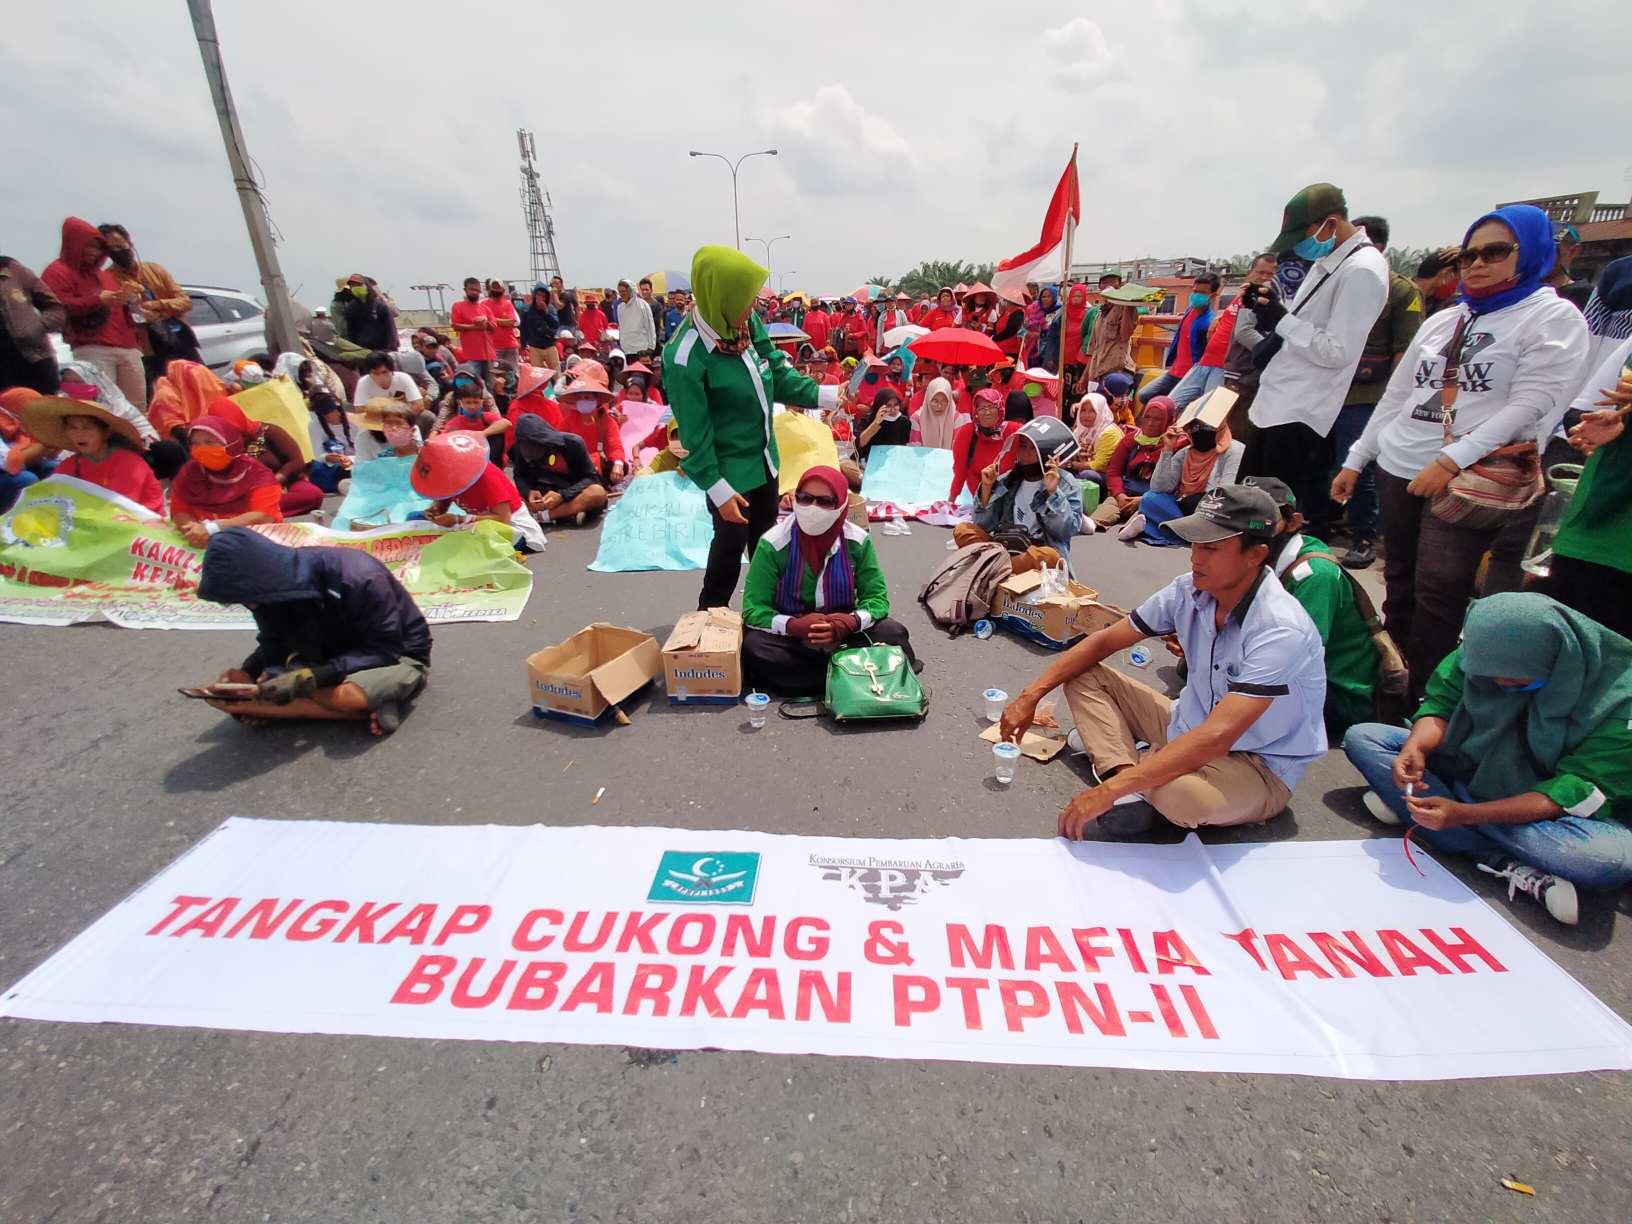 Tolak Omnibus Law, Ratusan Buruh dan Petani Duduki Fly Over Ampas